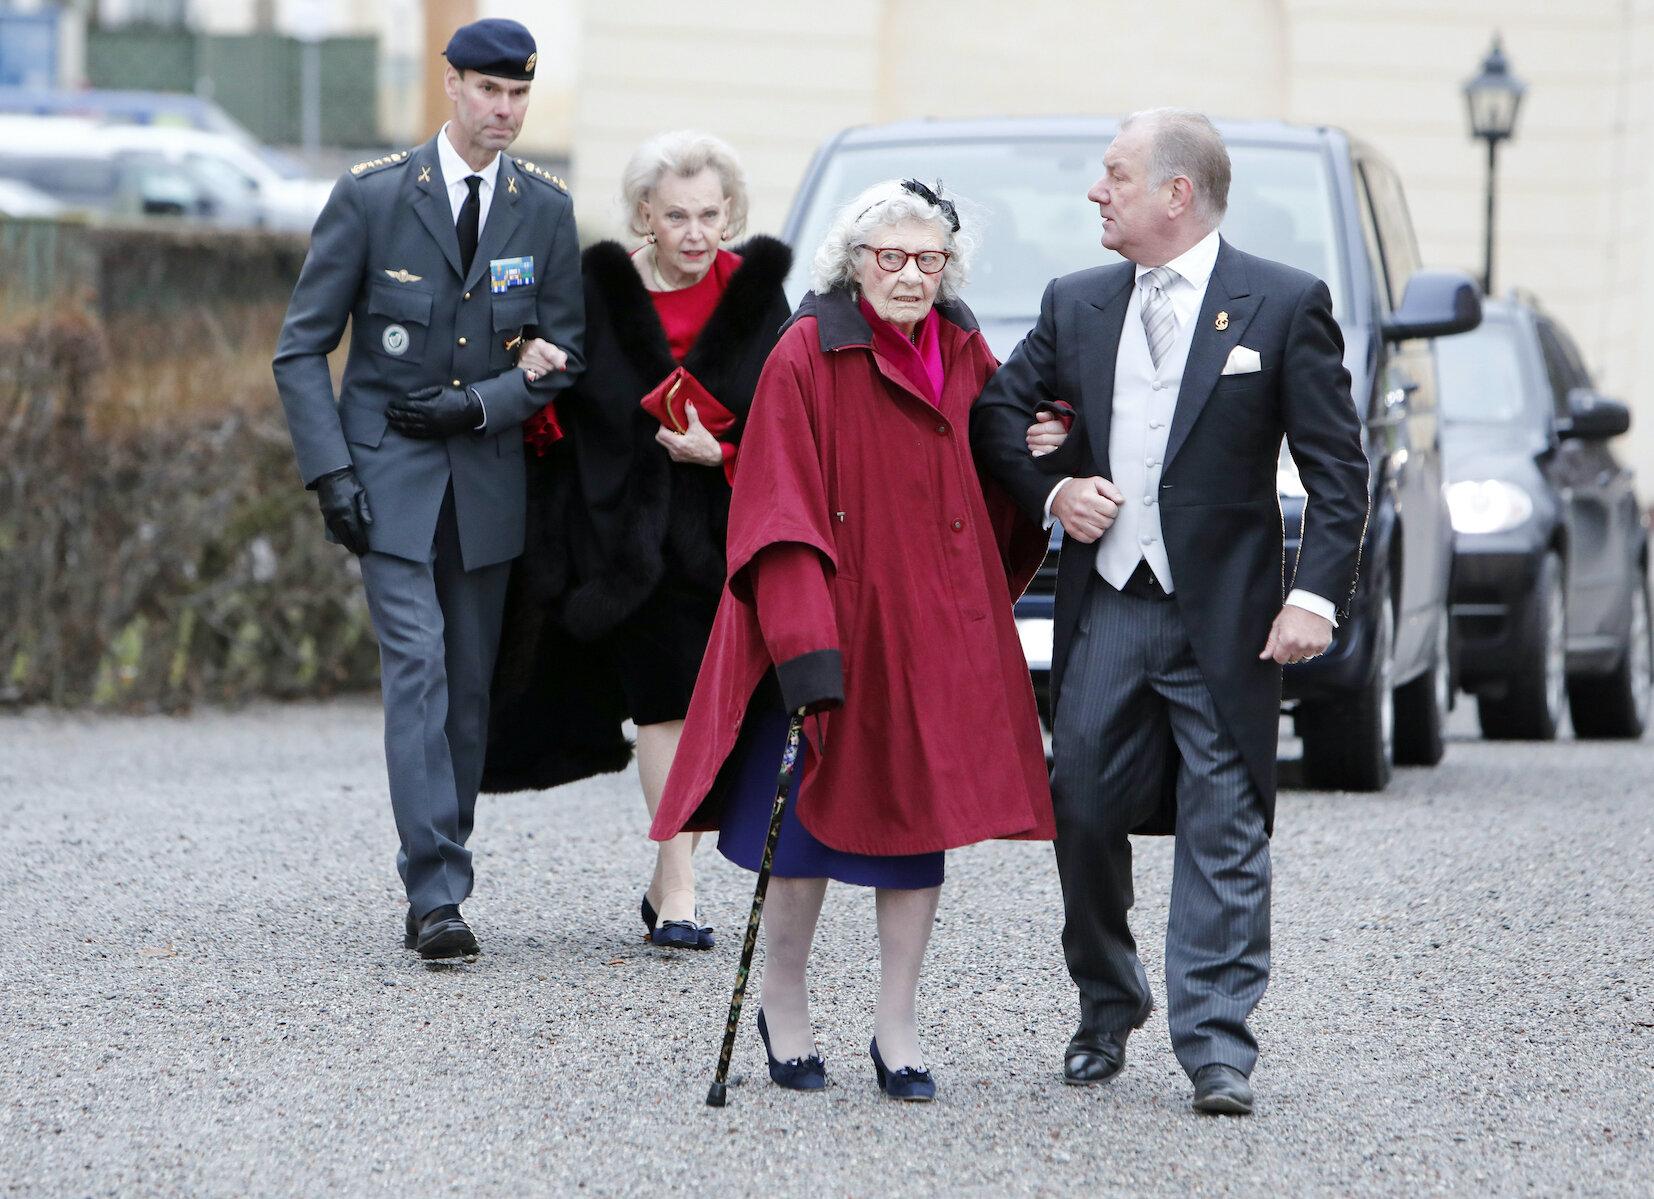 Dagmar von Arbin (vorne) war bis zu ihrem Tod fit und aktiv. Sie nahm auch noch an den Taufen von Prinz Alexander, Prinz Gabriel und Prinz Oscar teil.  © picture alliance/IBL Schweden